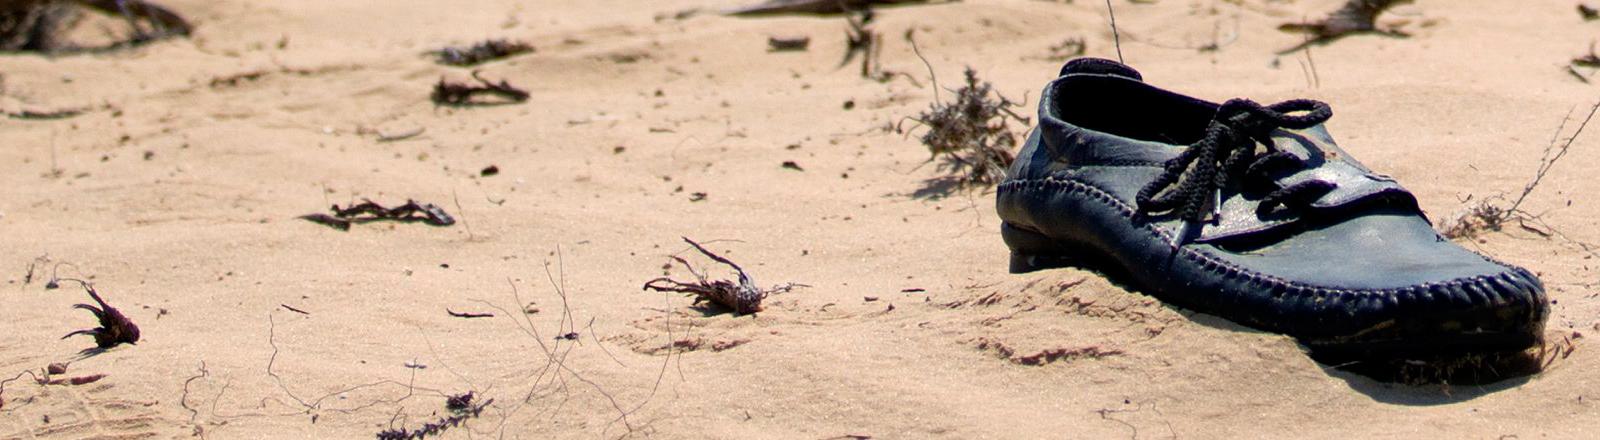 Ein einzelner Schuh liegt im Wüstensand